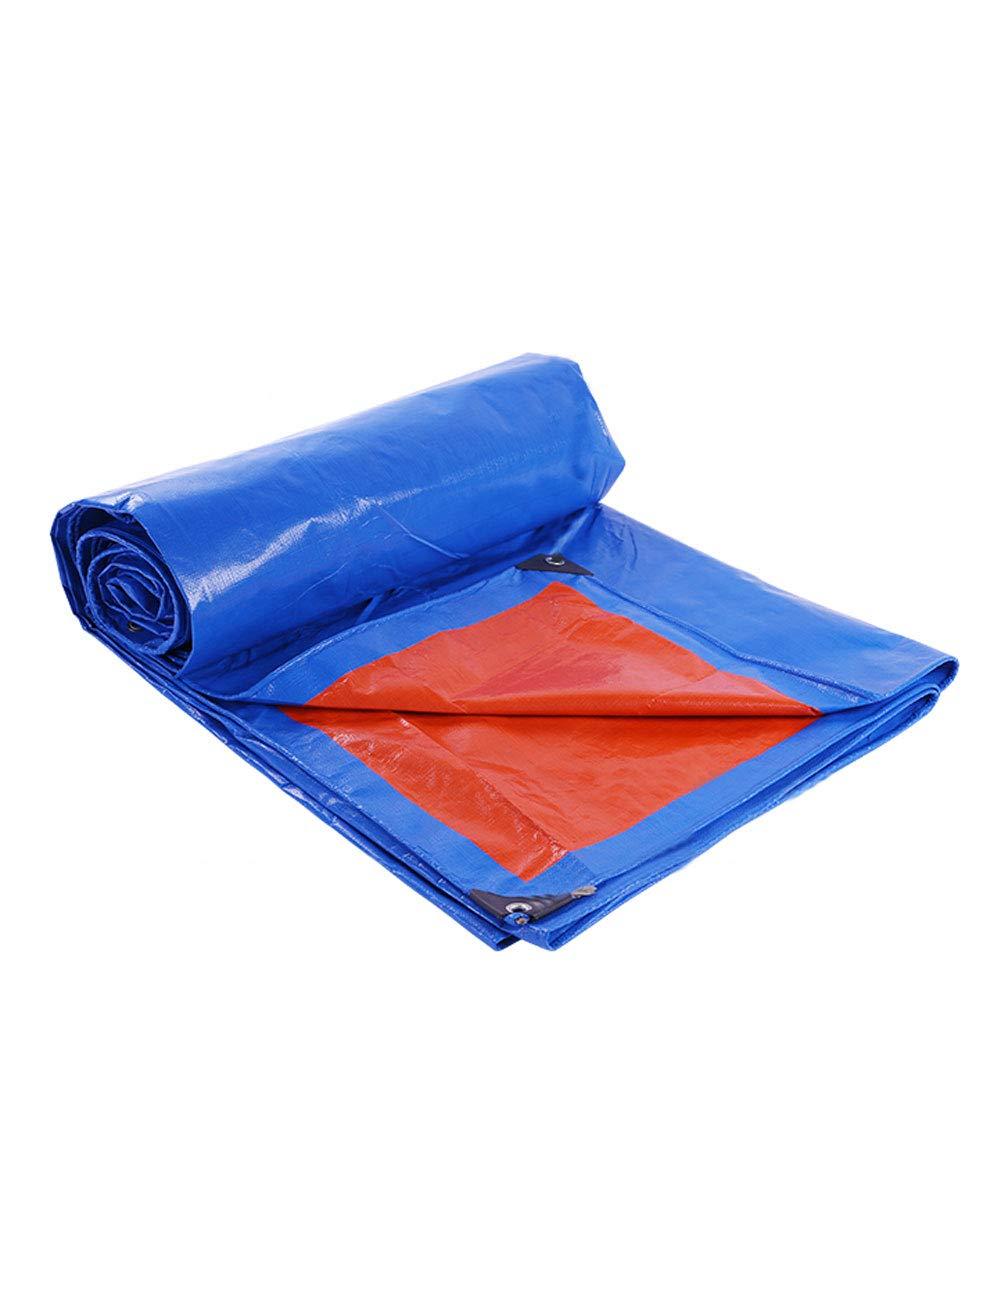 Fonly Blaues Rot Verdicken Plane-Hochleistungswasserdichter Tarp-Zelt-kampierende Schatten-Plane